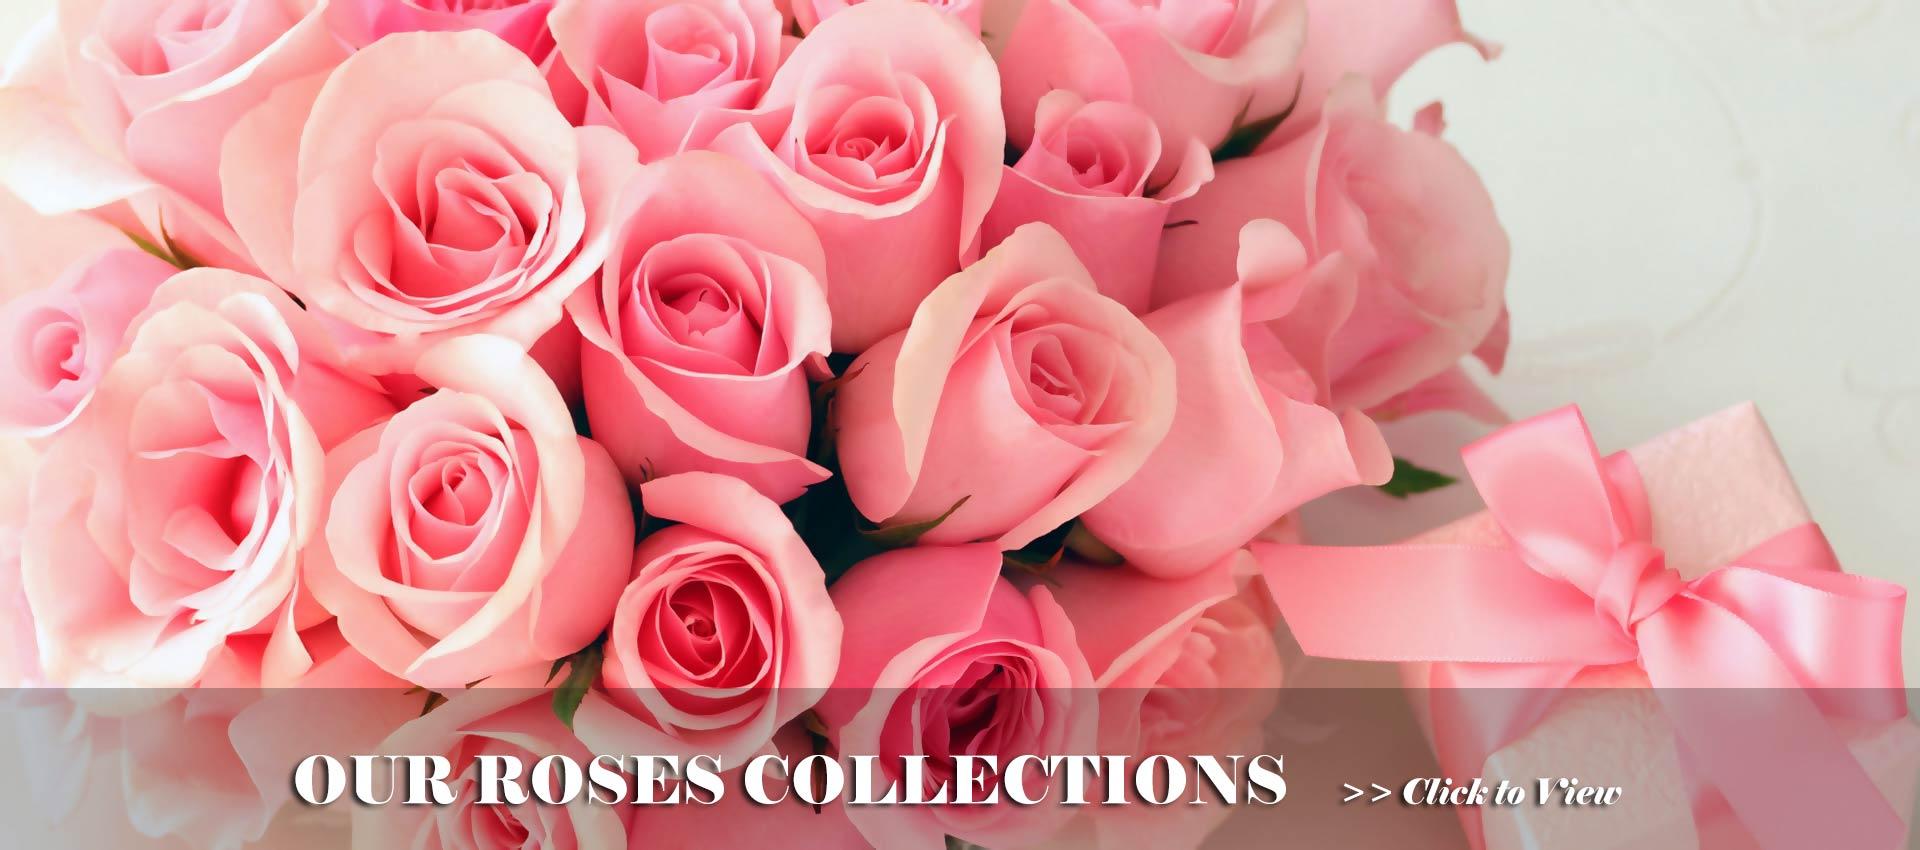 Roses Bouquet | Roses Flower Arrangements | Send Rose Bouquets & Arrangements to Malaysia